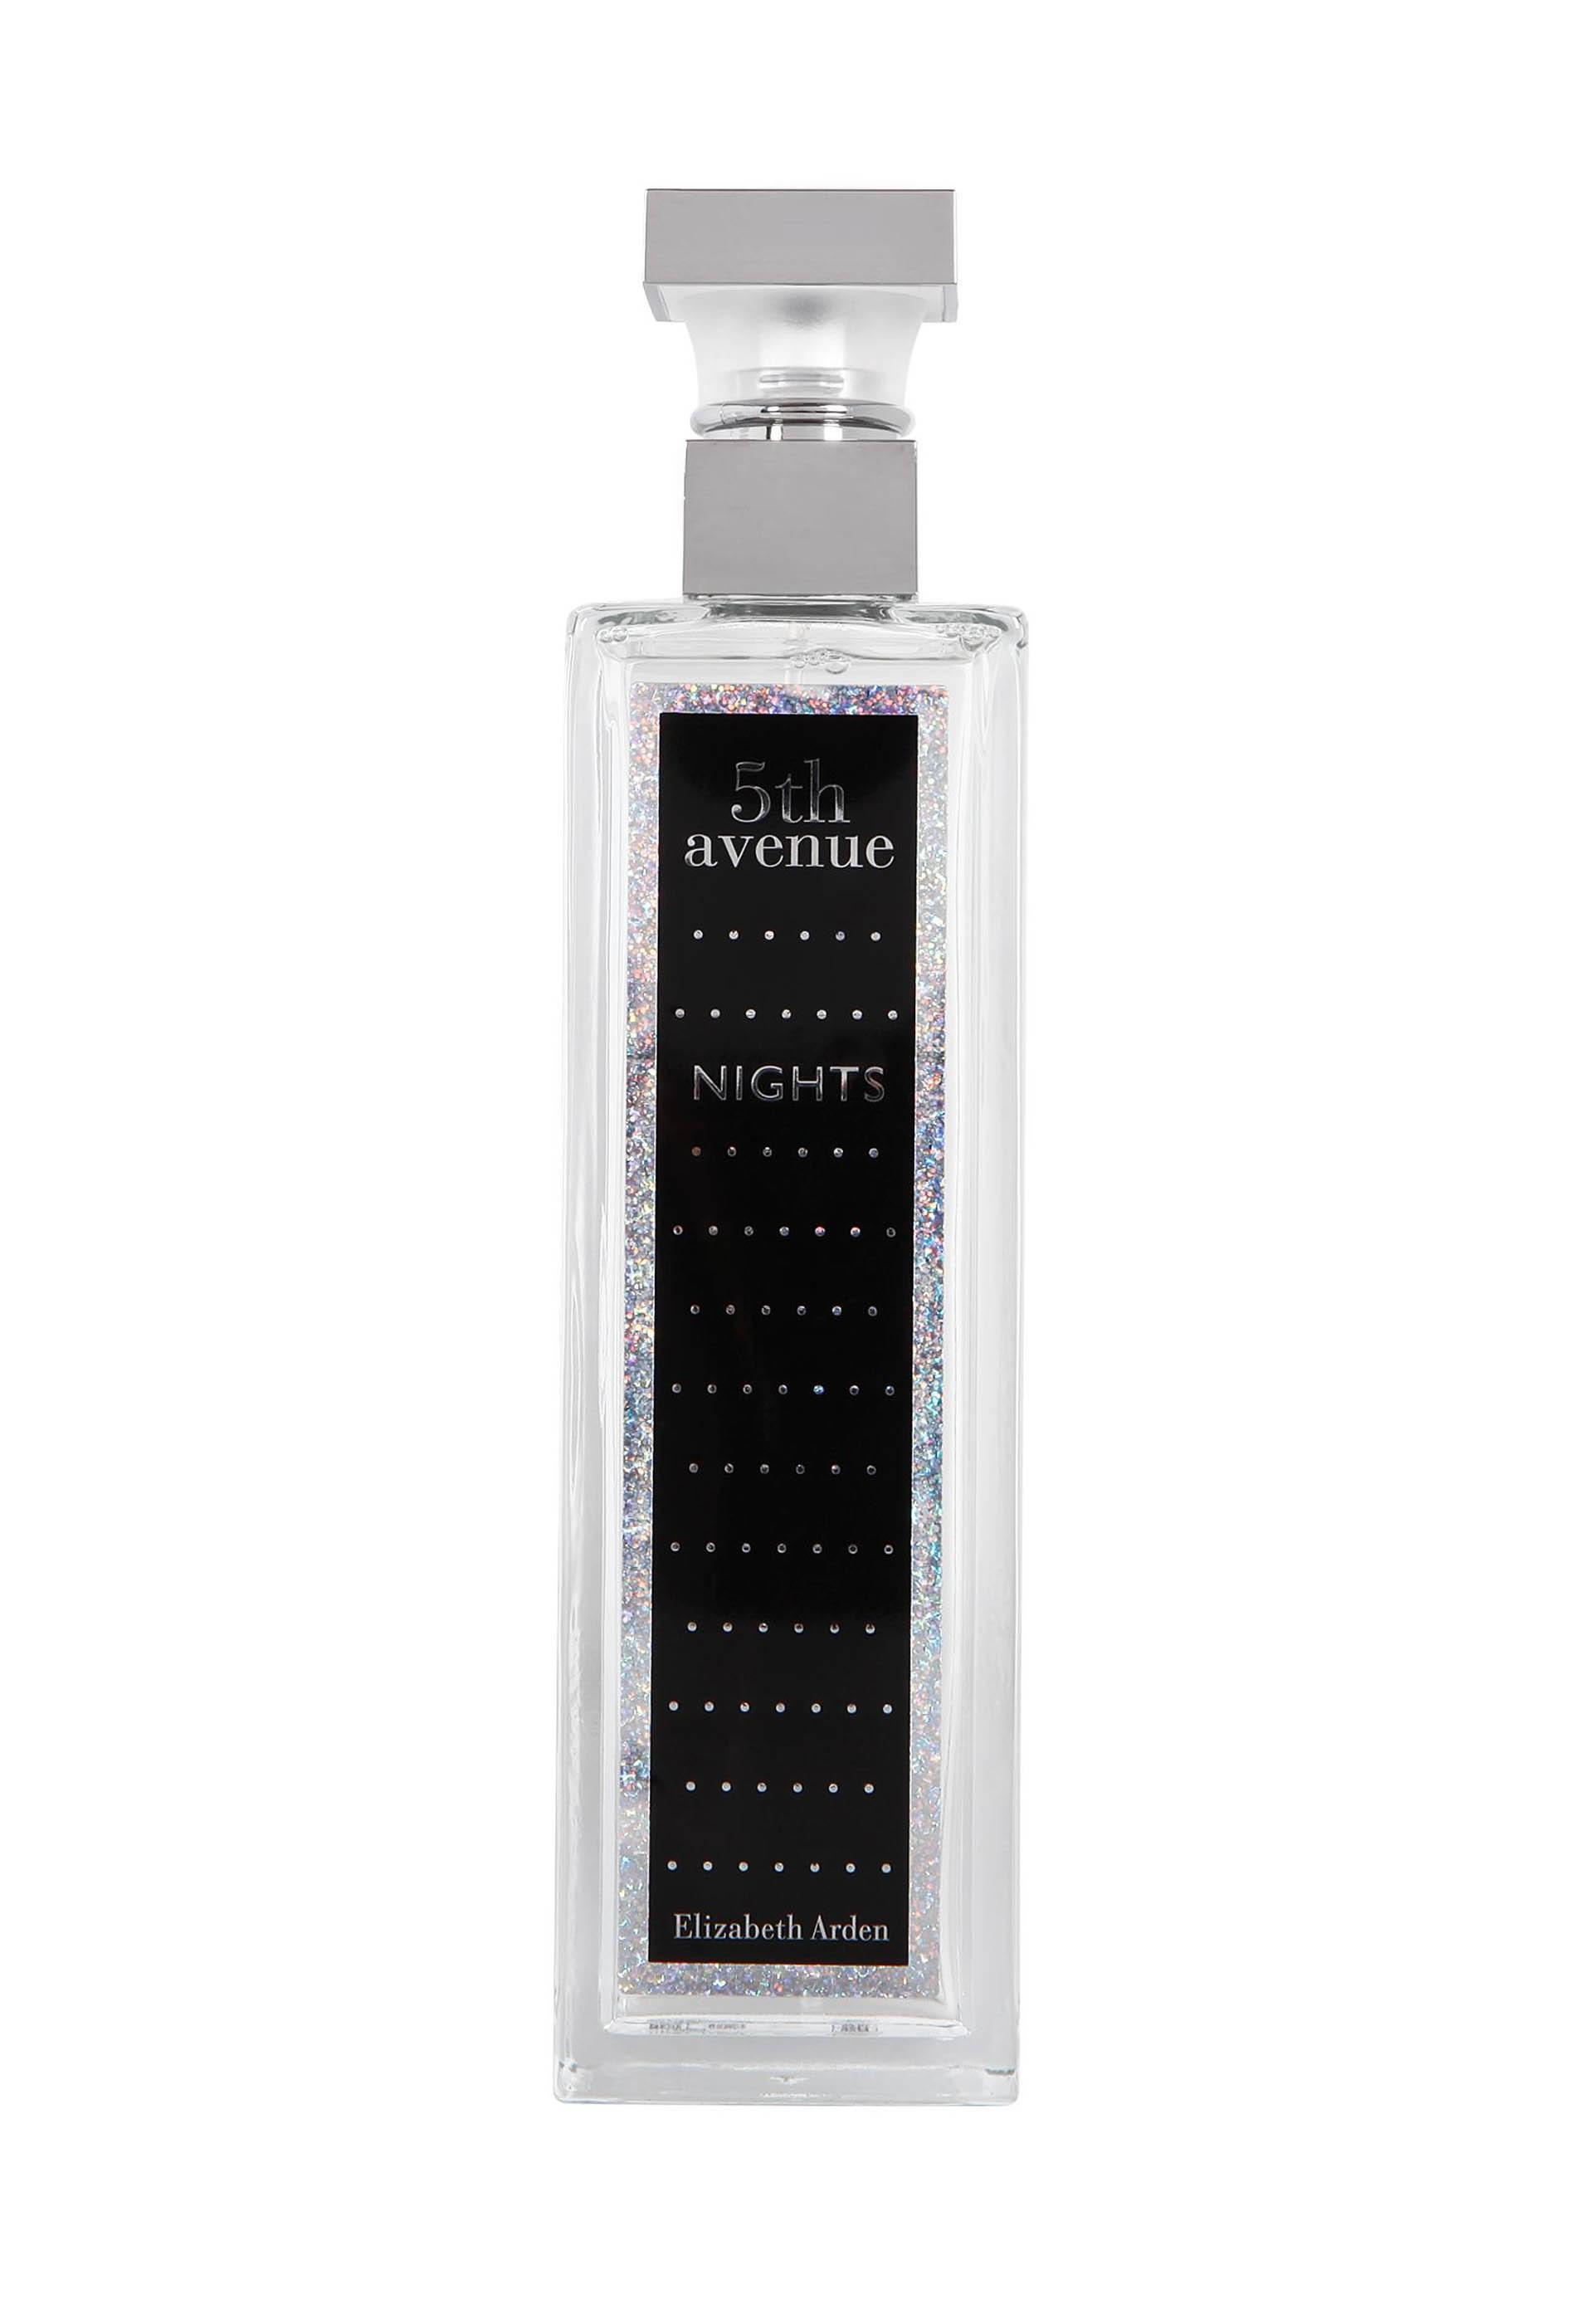 Elizabeth Arden 5th Avenue Nights аромат для женщин